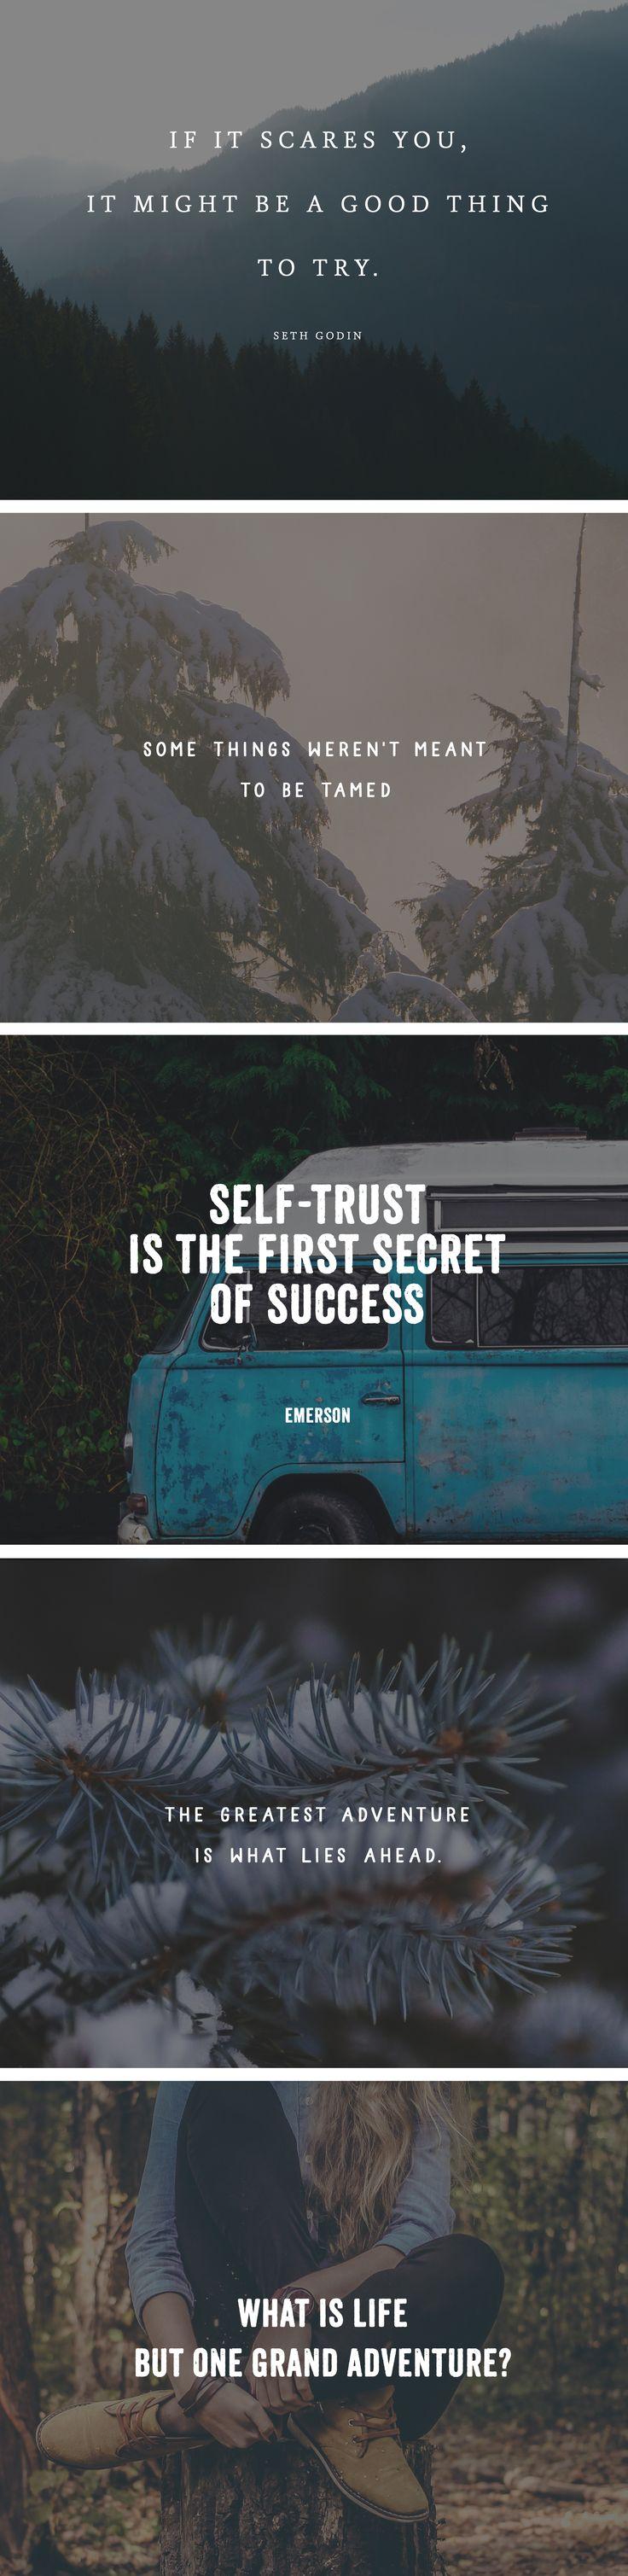 adventure quote, explore quotes